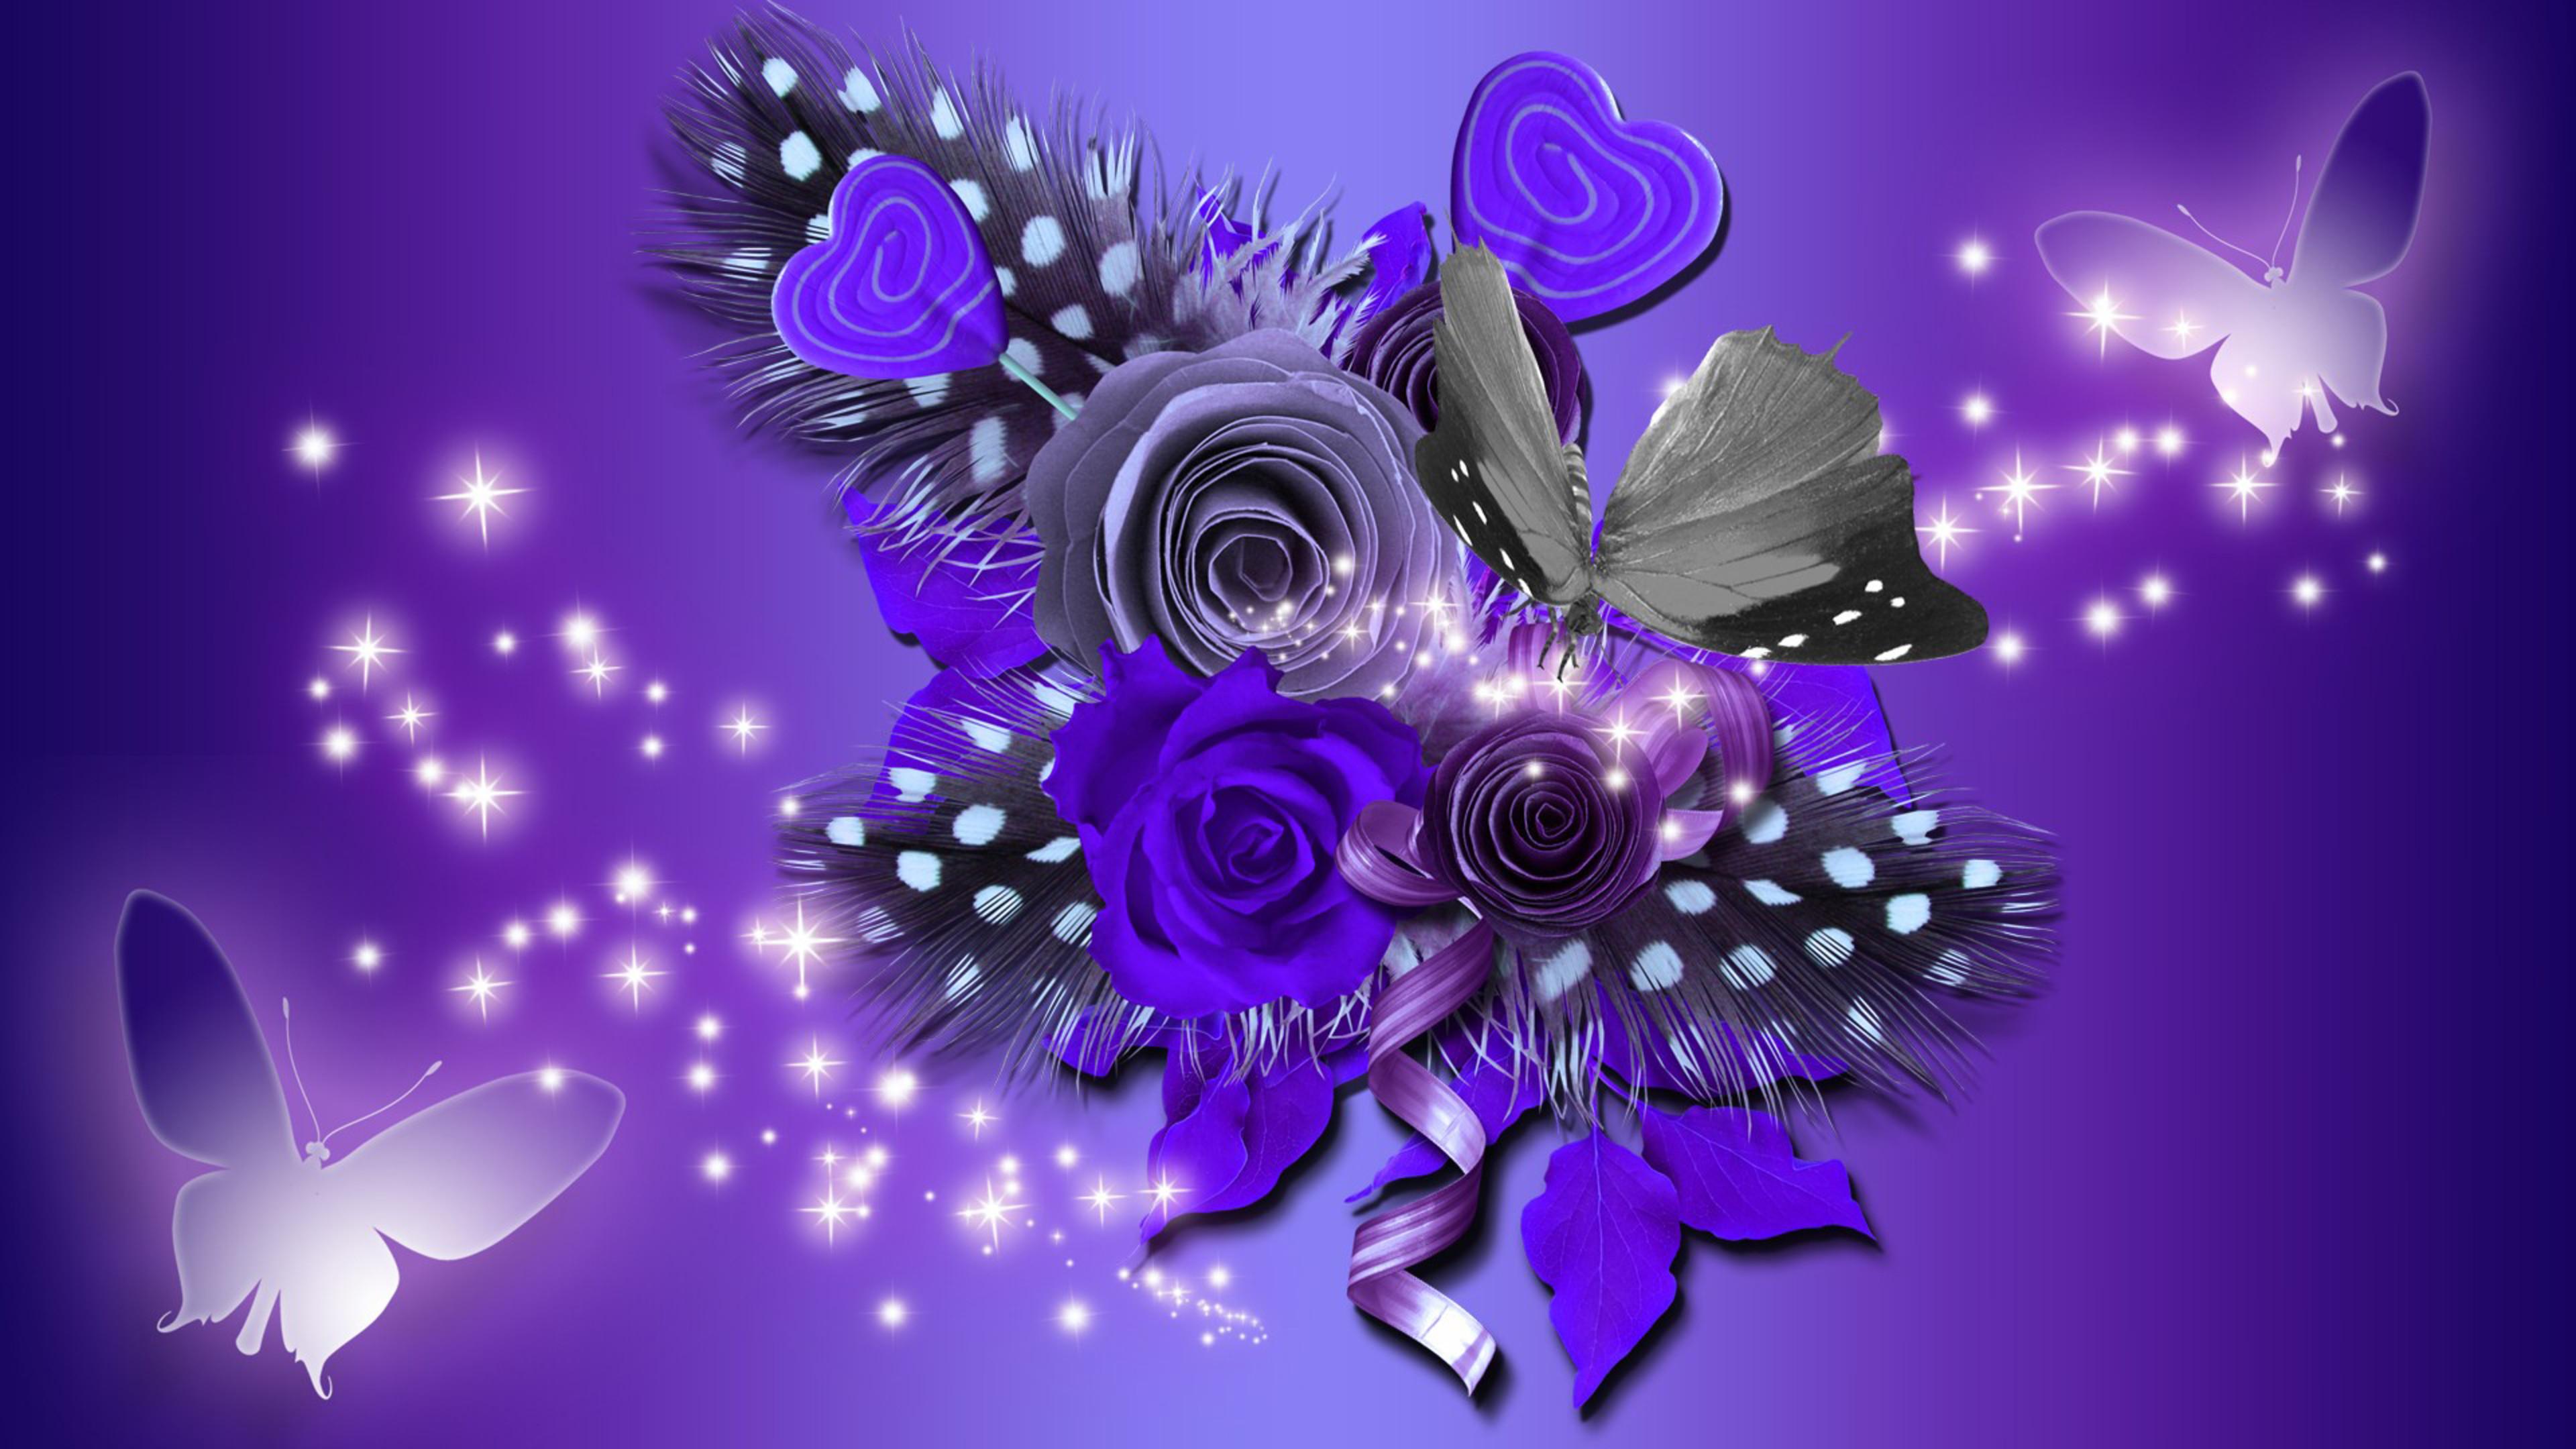 Purple Flowers And Butterflies 4k Ultra Hd Wallpaper Background